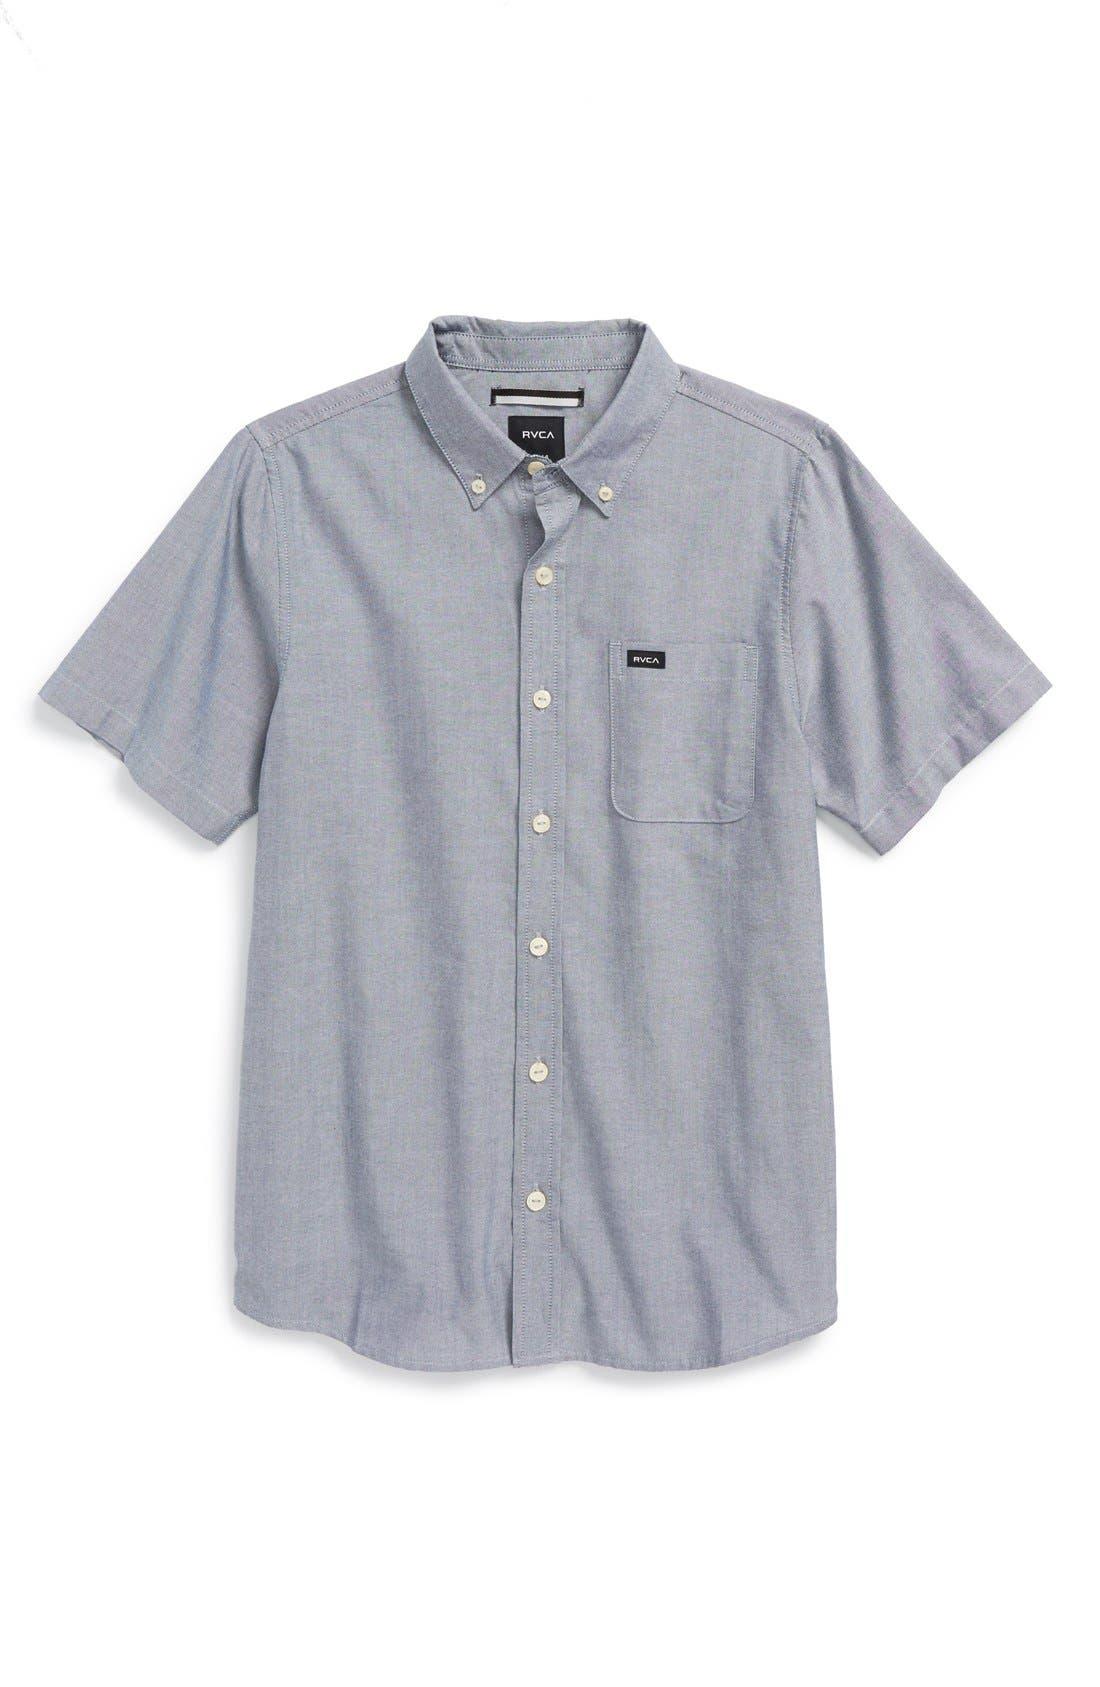 RVCA 'That'll Do' Woven Shirt (Big Boys)